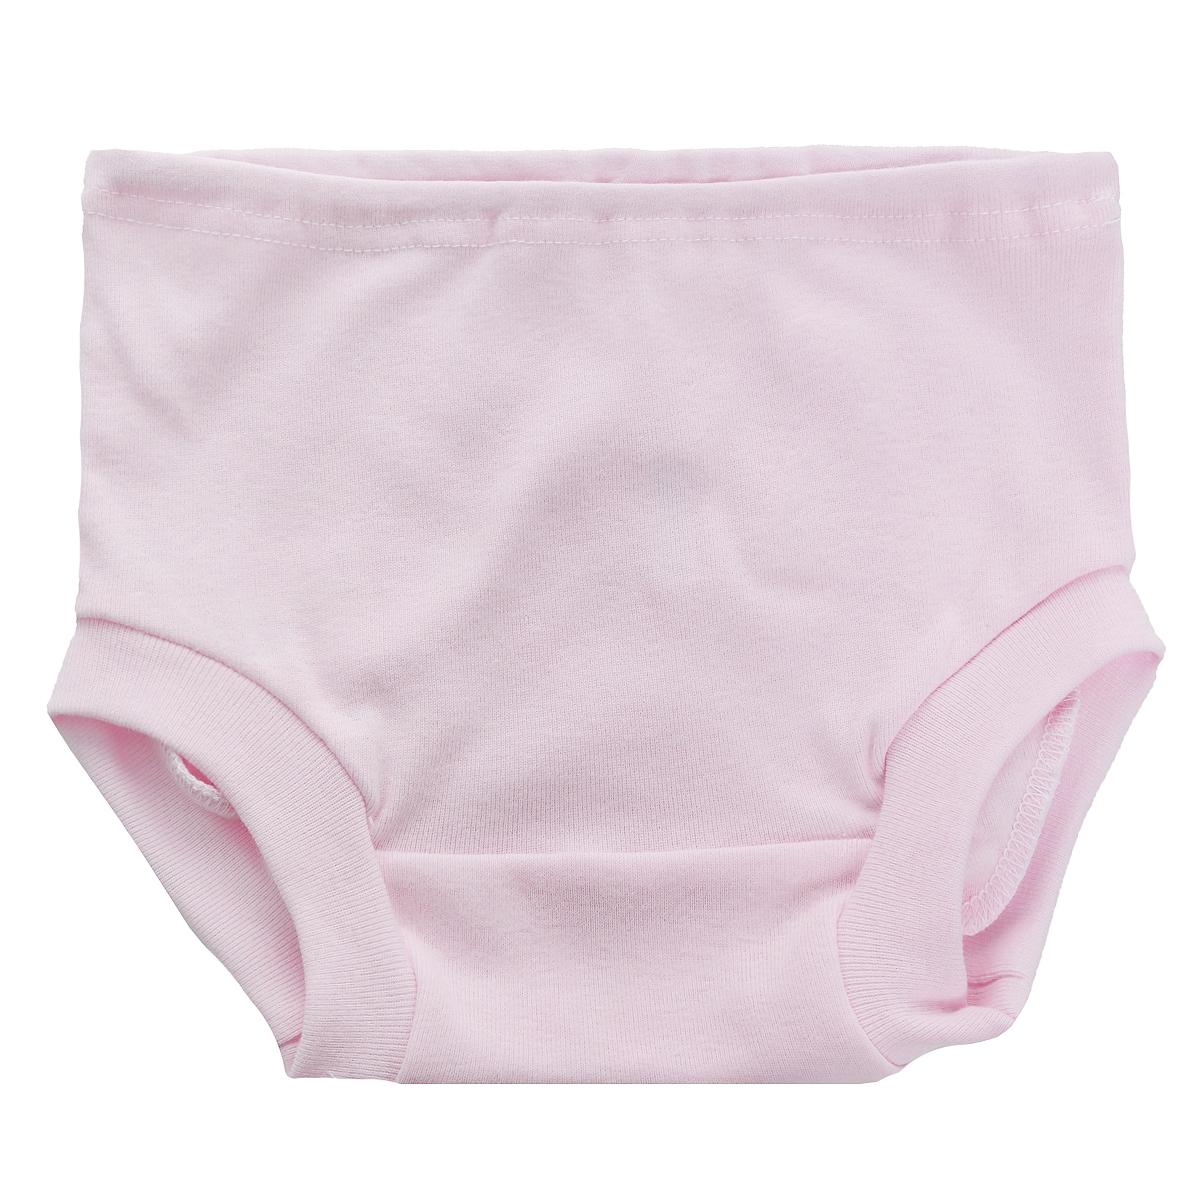 Трусы детские Трон-плюс, цвет: розовый. 8220. Размер 62, 3 месяца8220Очень удобные детские трусики под подгузник Трон-плюс изготовлены из рибаны - натурального хлопка, они не раздражают даже самую нежную и чувствительную кожу ребенка и хорошо вентилируются. Трусы имеют мягкую резинку на талии и эластичные швы по проймам для ножек, выполненные из трикотажной резинки. Низ изделия дополнен двойной ластовицей. Трусы идеально подойдут вашему ребенку, а мягкие полотна позволят маленькому непоседе комфортно чувствовать себя в течение дня!